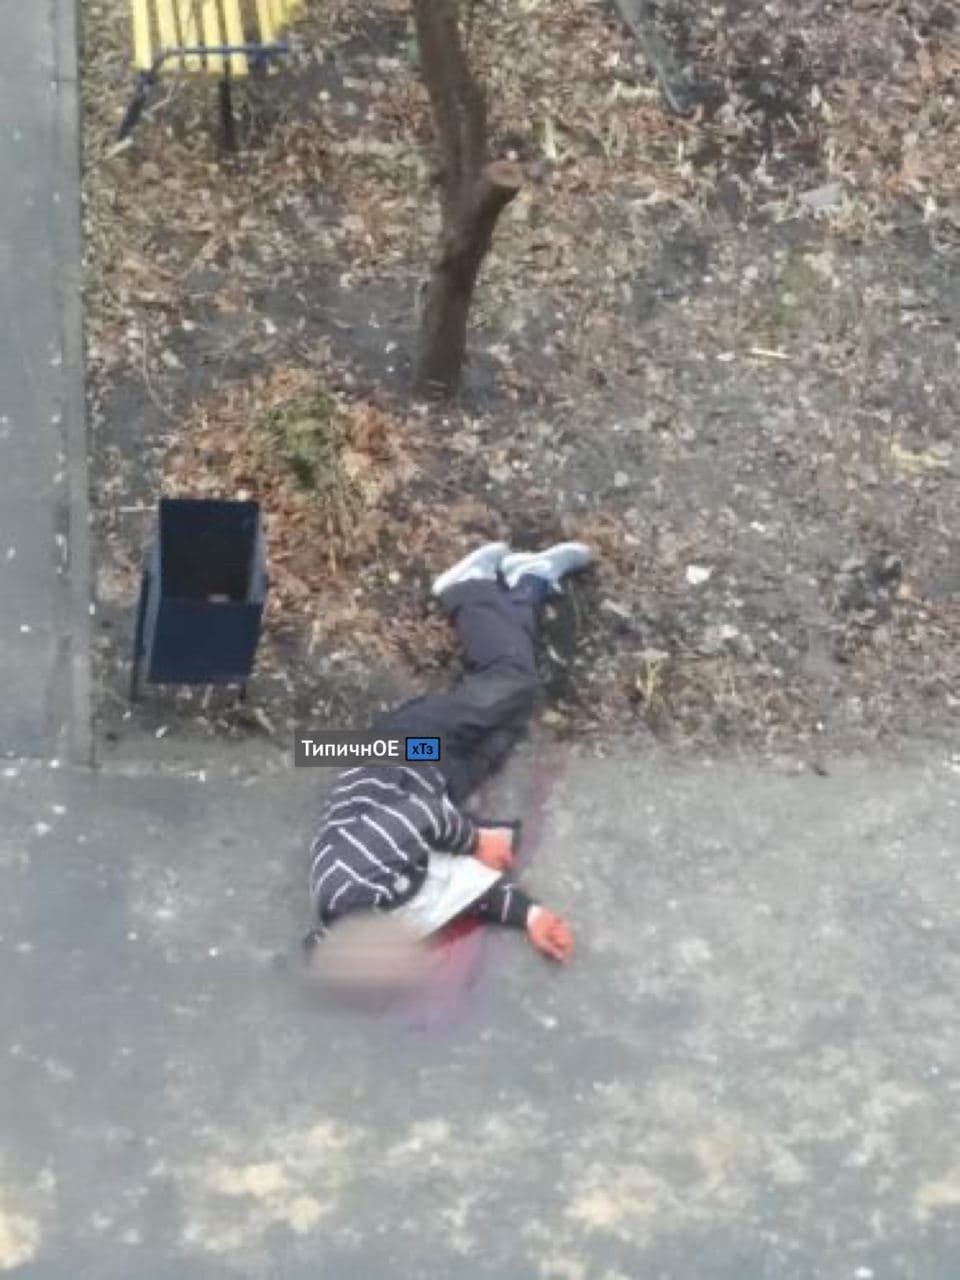 На ХТЗ рабочий упал с крыши дома и разбился насмерть, - ФОТО 18+, фото-1